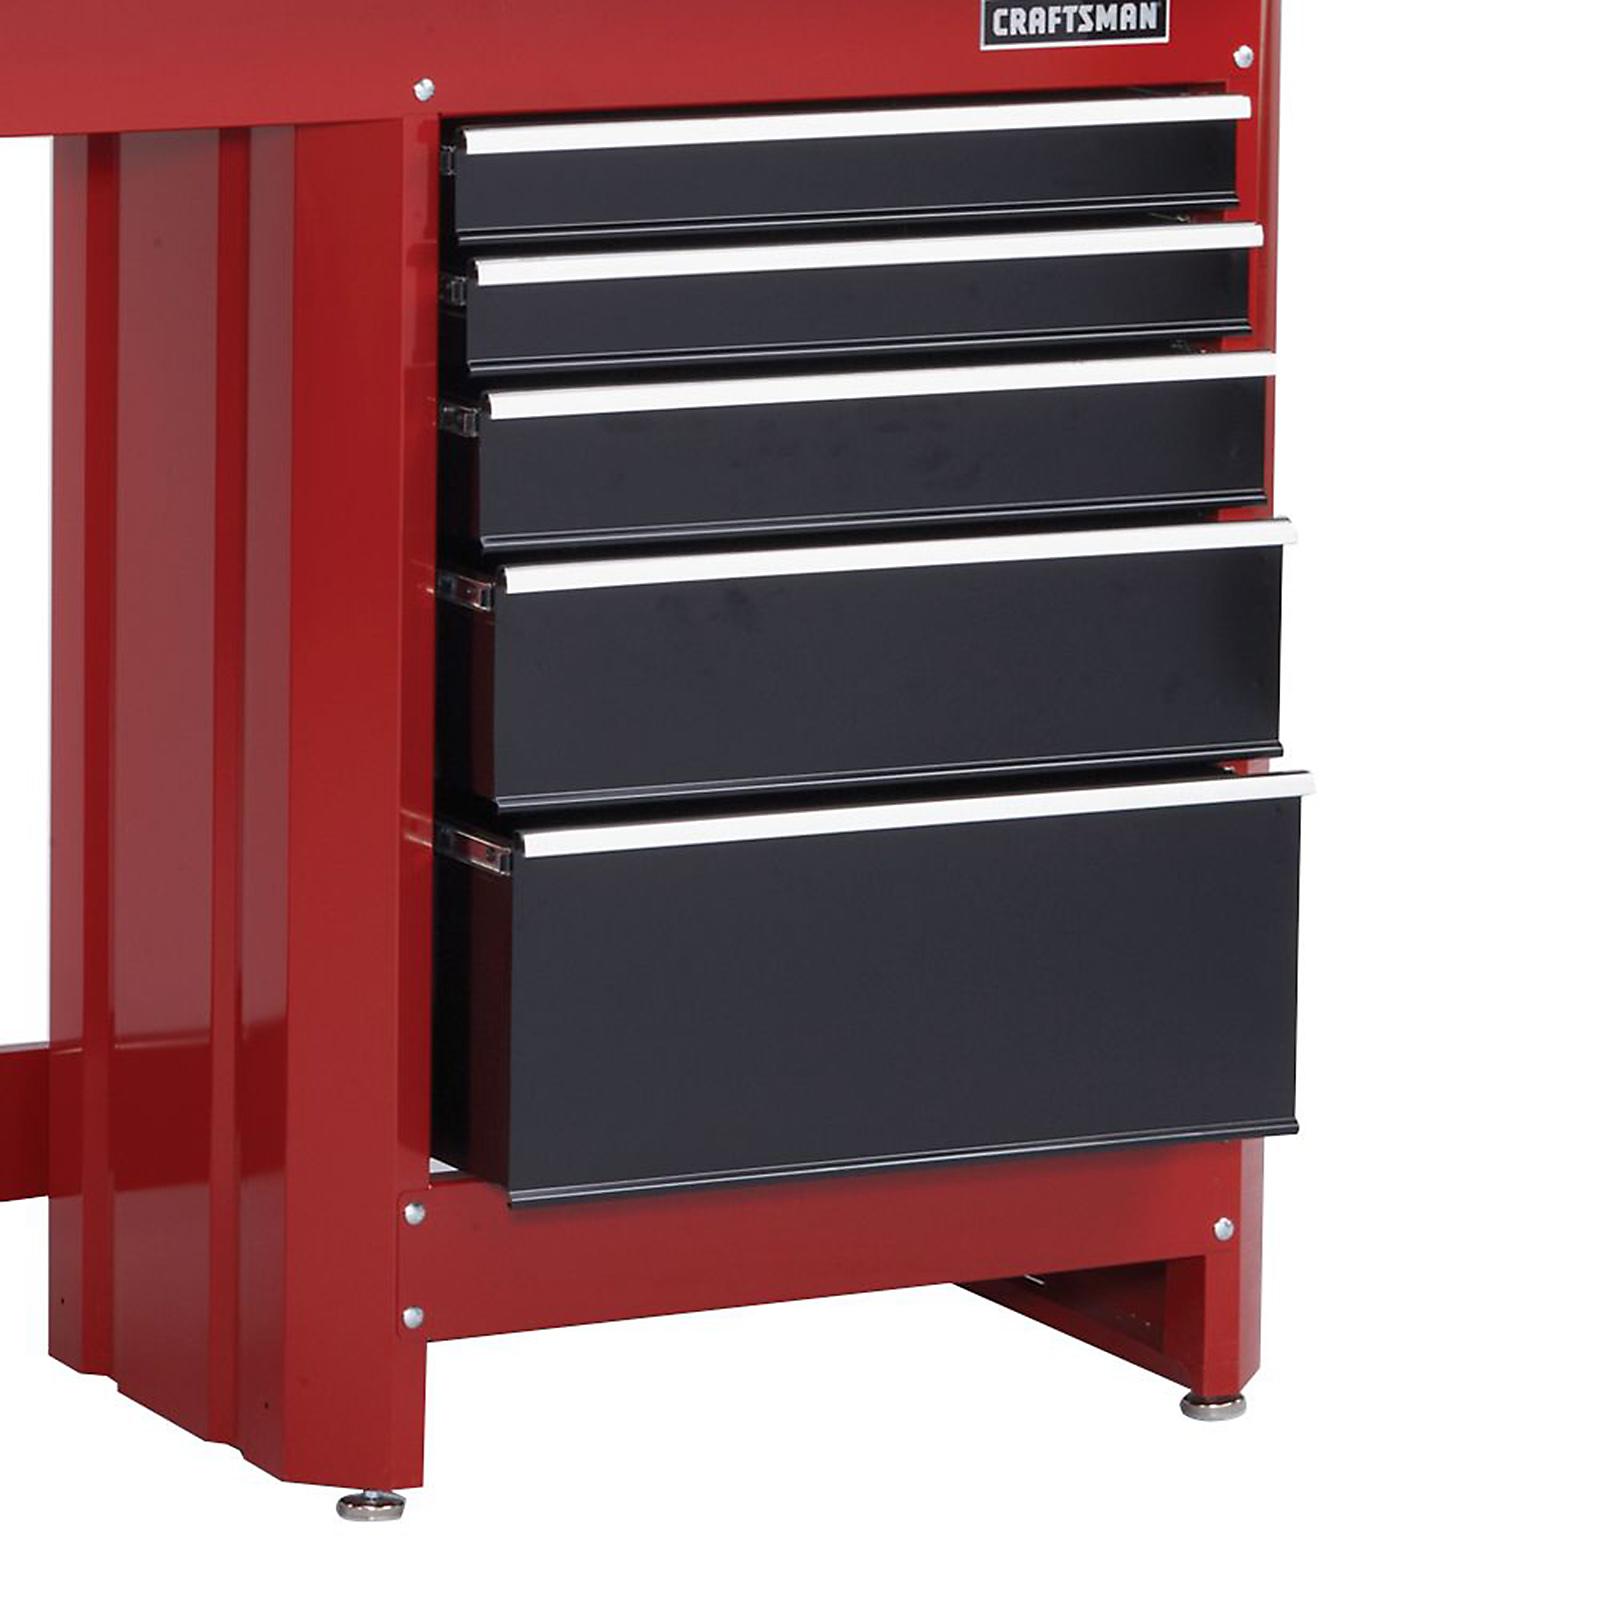 Craftsman 5Drawer Workbench Module  RedBlack  Shop